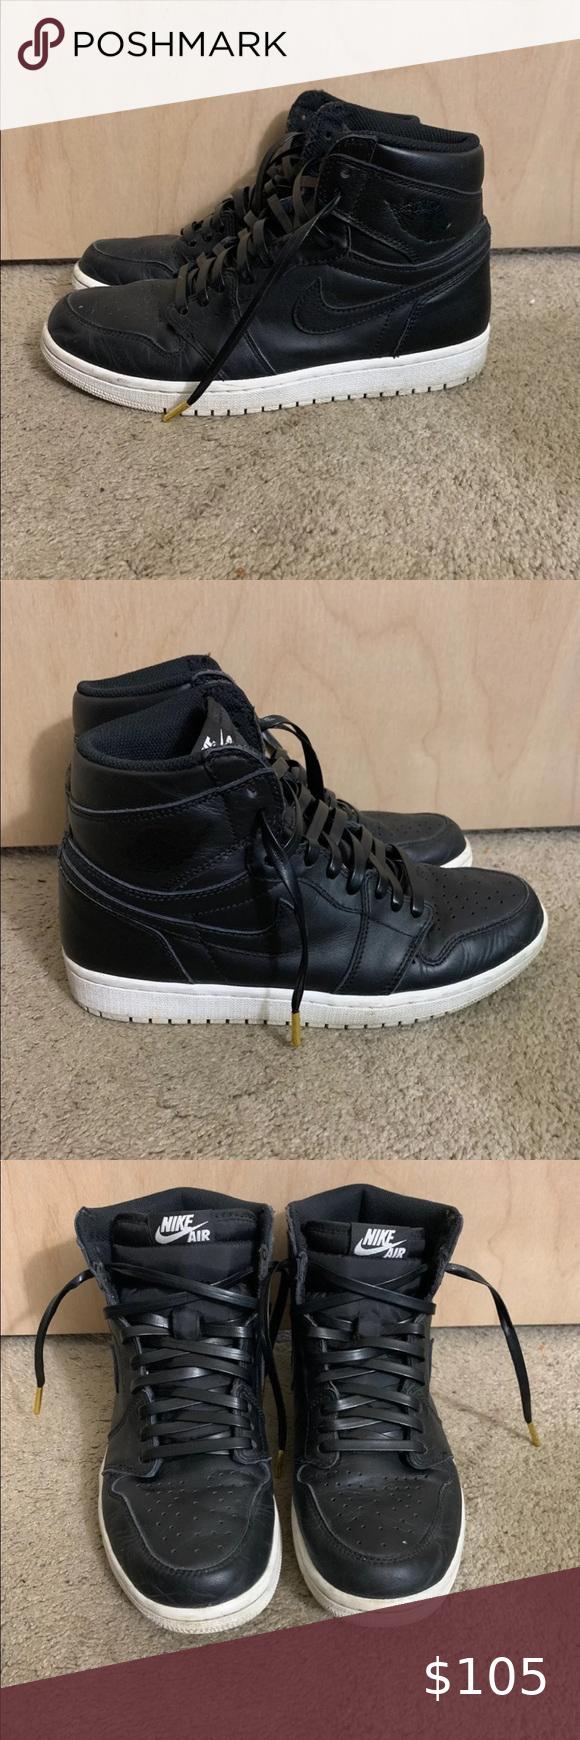 Nike Air Jordan 1 Cyber Monday In 2020 Air Jordans Nike Air Jordan Jordans For Men